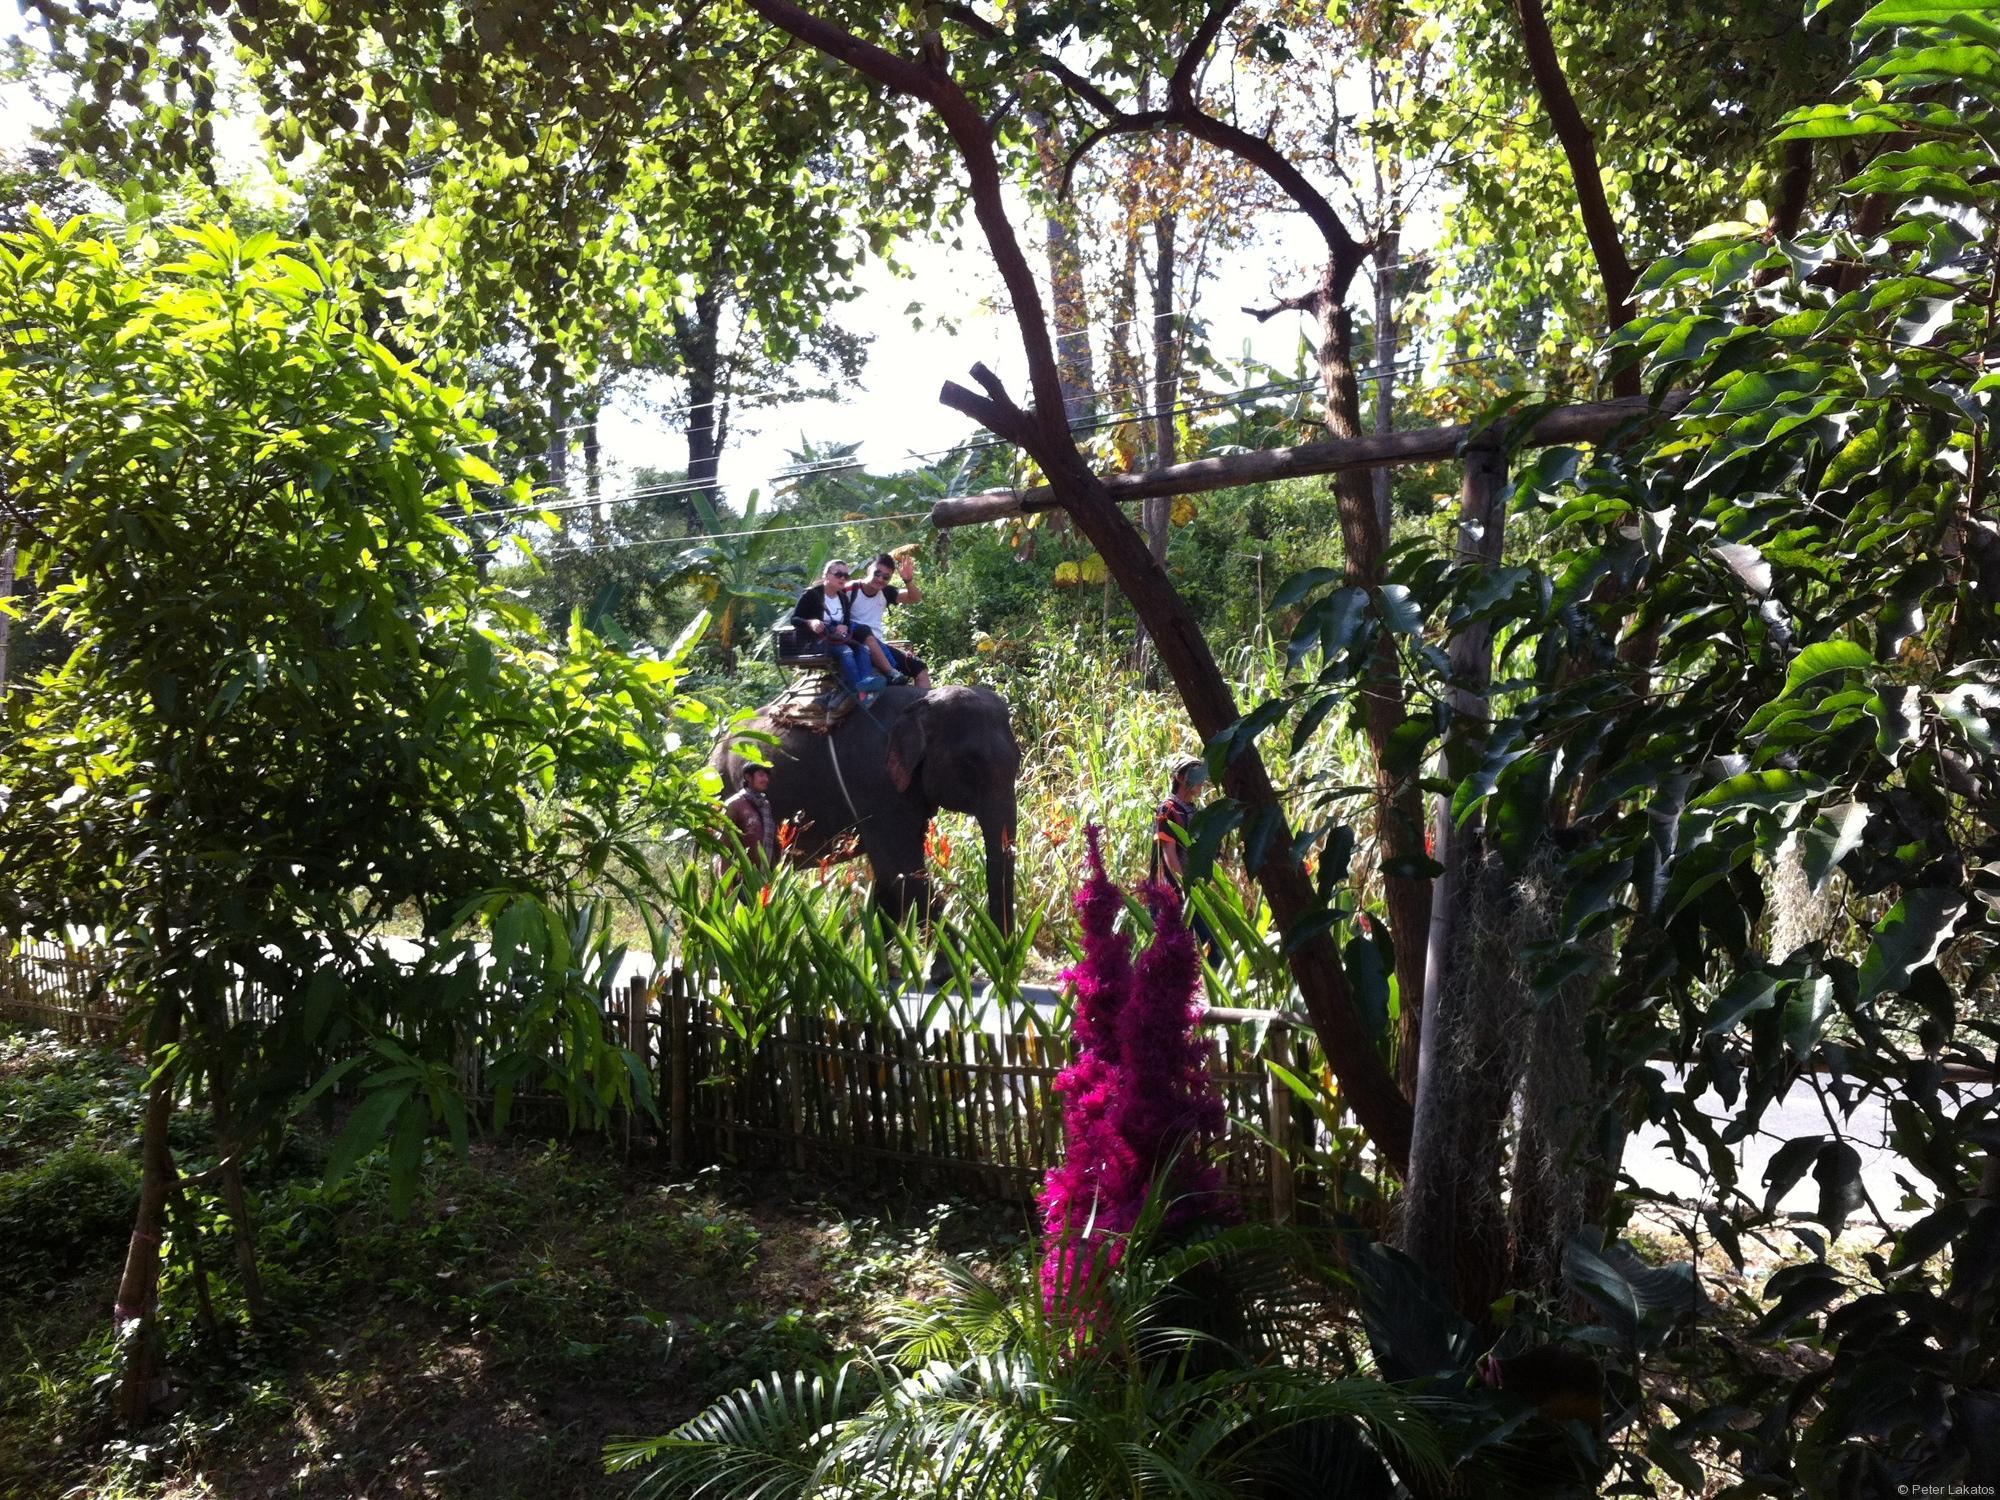 Ein Elefant reitet vorbei